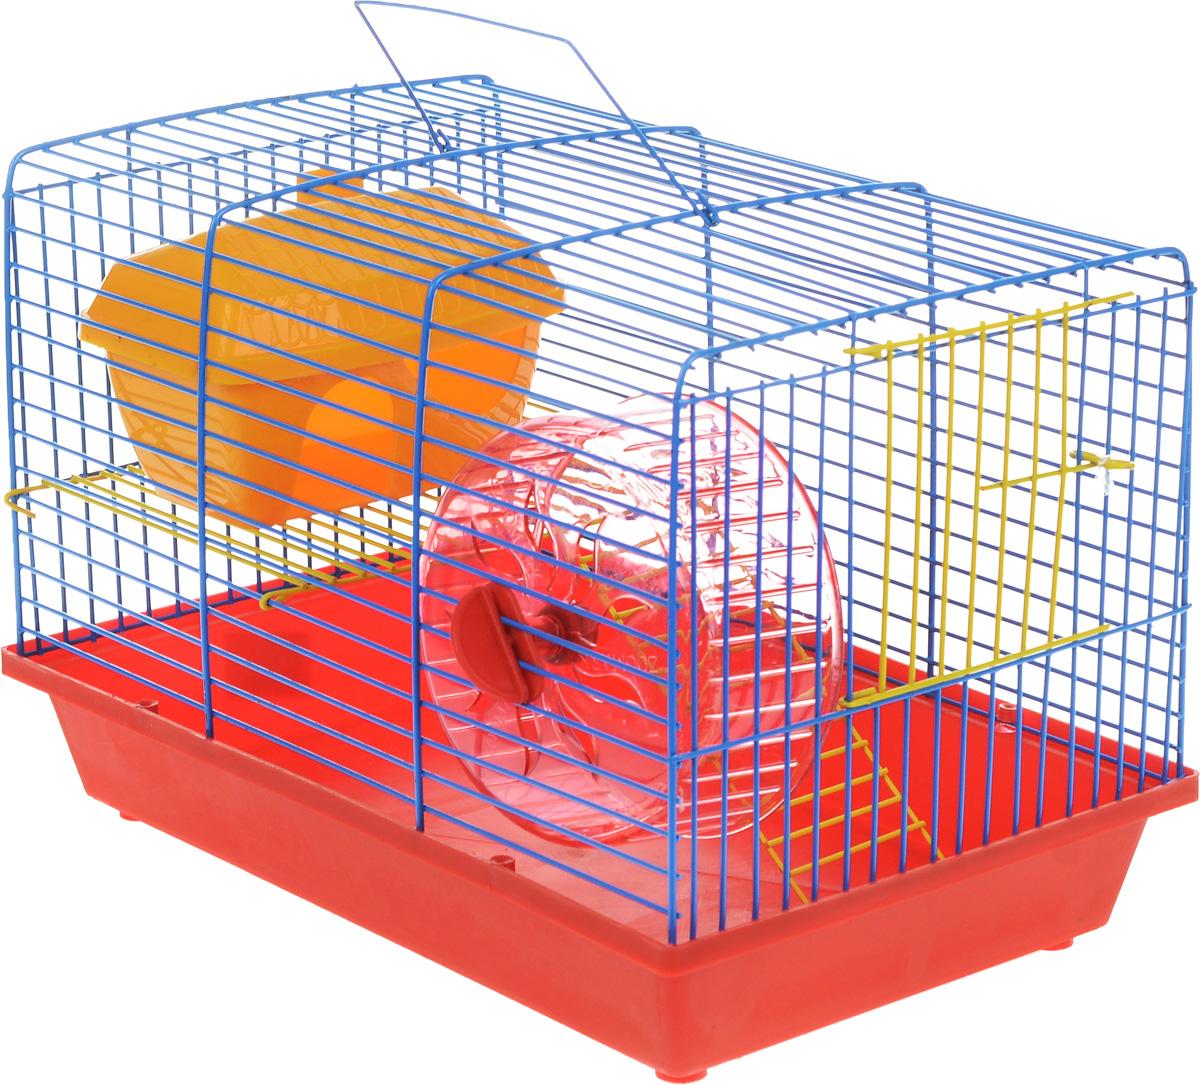 Клетка для грызунов ЗооМарк, 2-этажная, цвет: красный поддон, синяя решетка, желтый этаж, 36 х 22 х 24 см. 125ж0120710Клетка ЗооМарк, выполненная из полипропилена и металла, подходит для мелких грызунов. Изделие двухэтажное, оборудовано колесом для подвижных игр и пластиковым домиком. Клетка имеет яркий поддон, удобна в использовании и легко чистится. Сверху имеется ручка для переноски. Такая клетка станет уединенным личным пространством и уютным домиком для маленького грызуна.